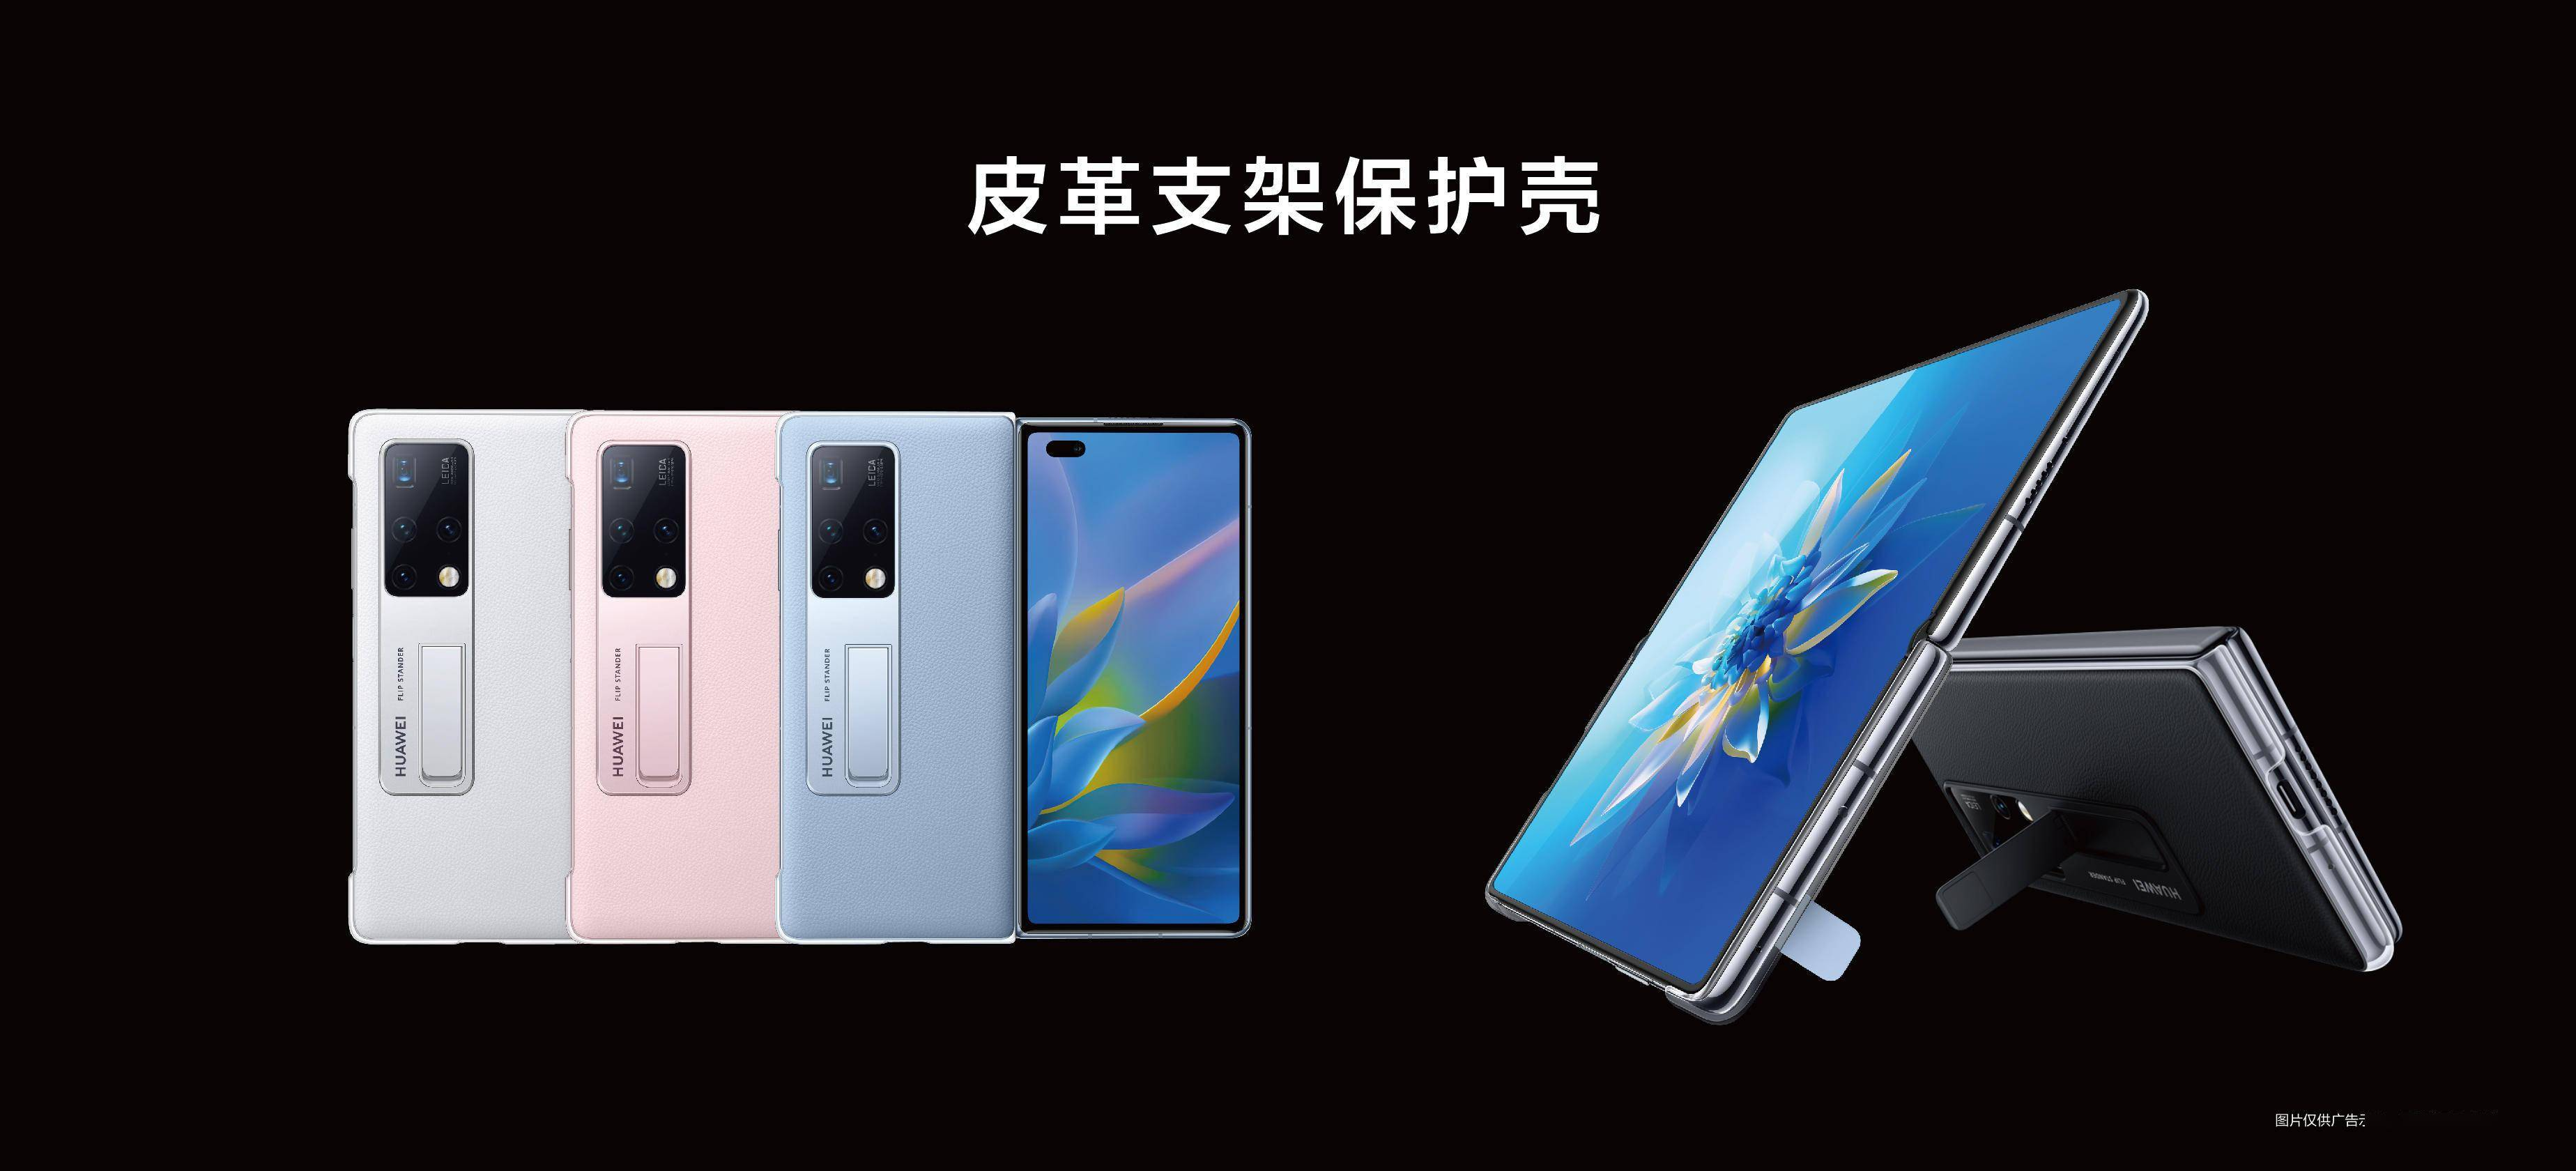 最前线 | 华为发布新款折叠屏手机Mate X2,售价 17999 元起